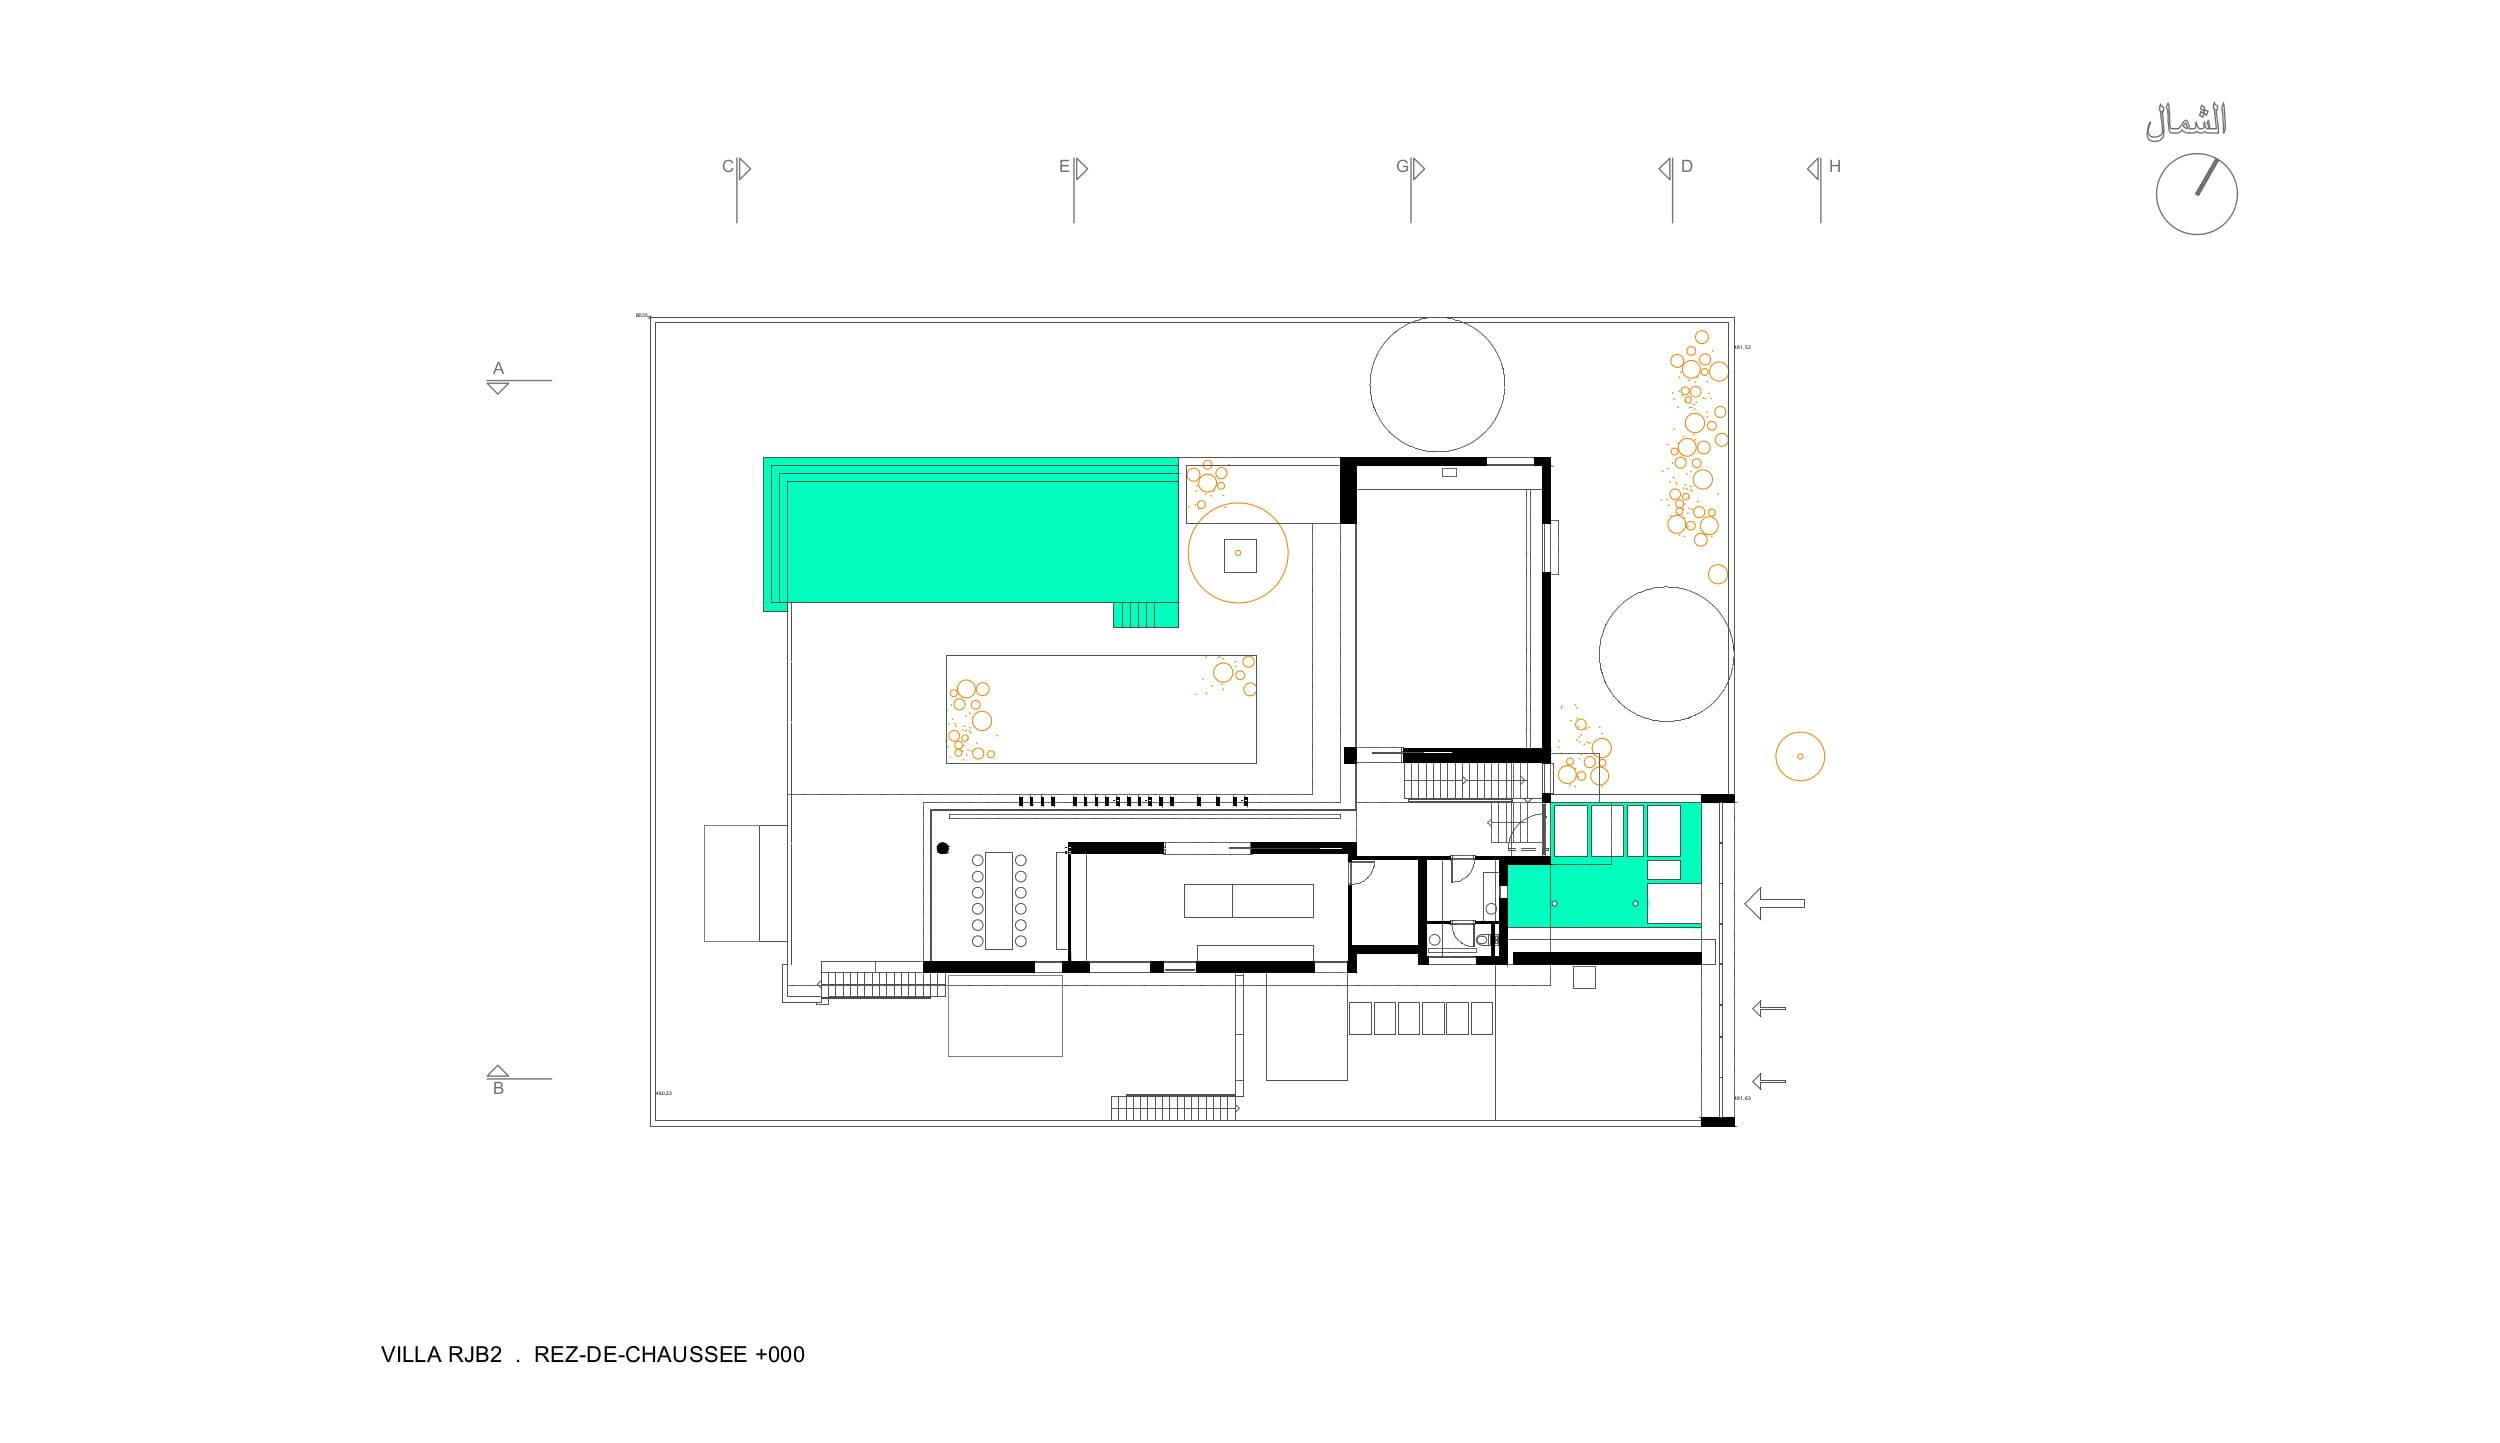 RJB2.plan 01-rdc